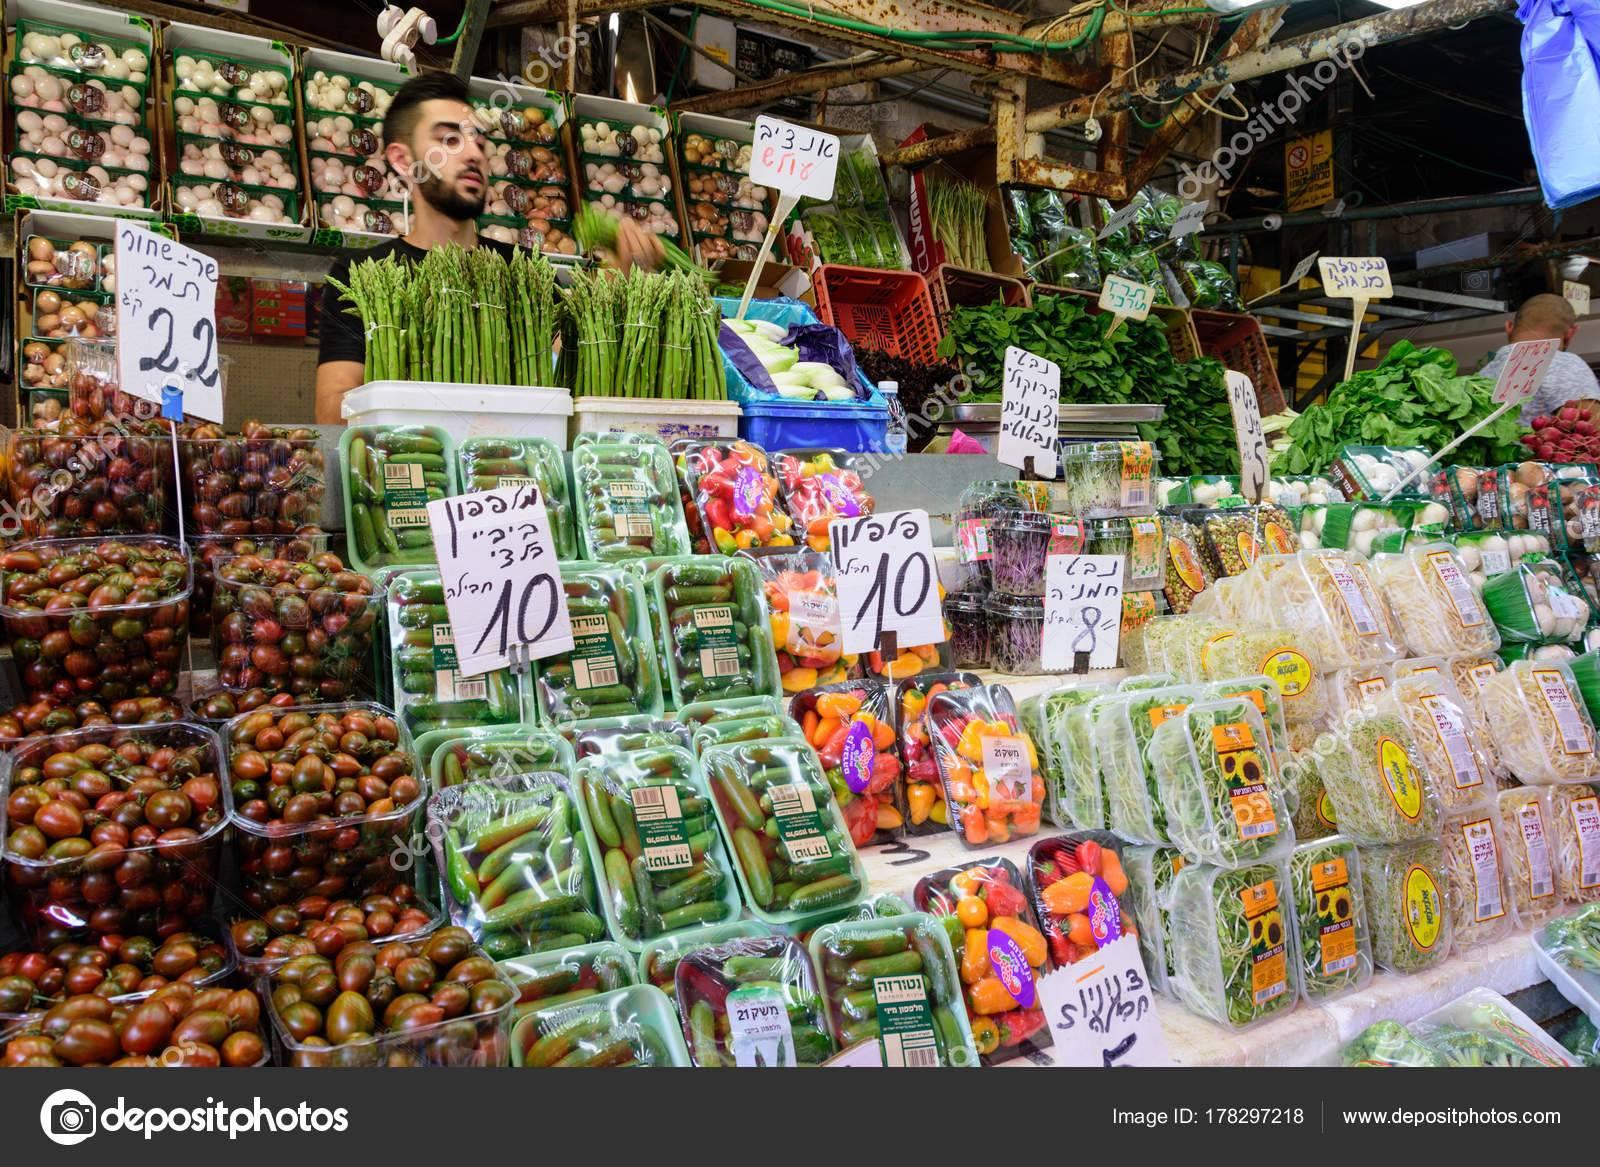 Цены в израиле на недвижимость, продукты, основные товары и услуги